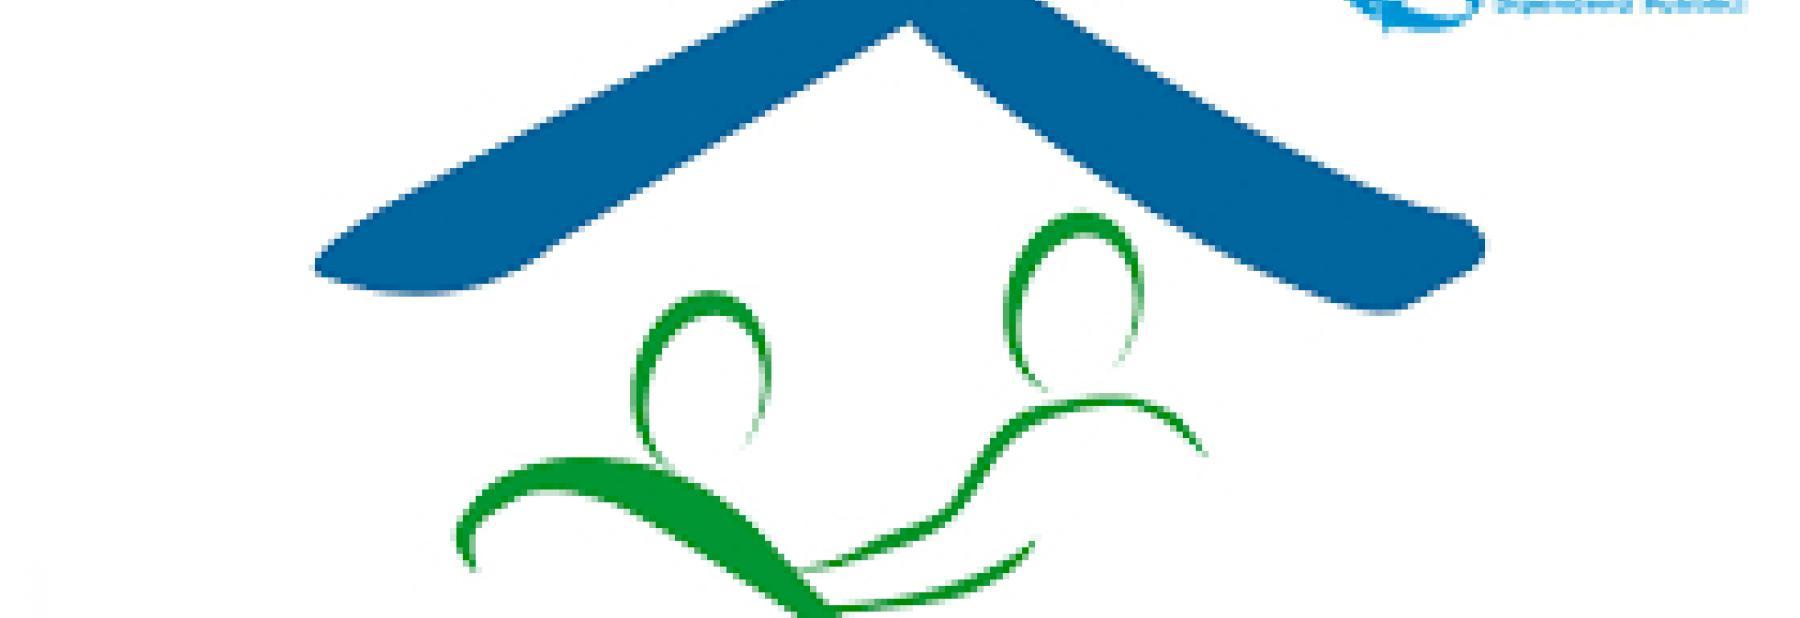 Home_Care_Premium